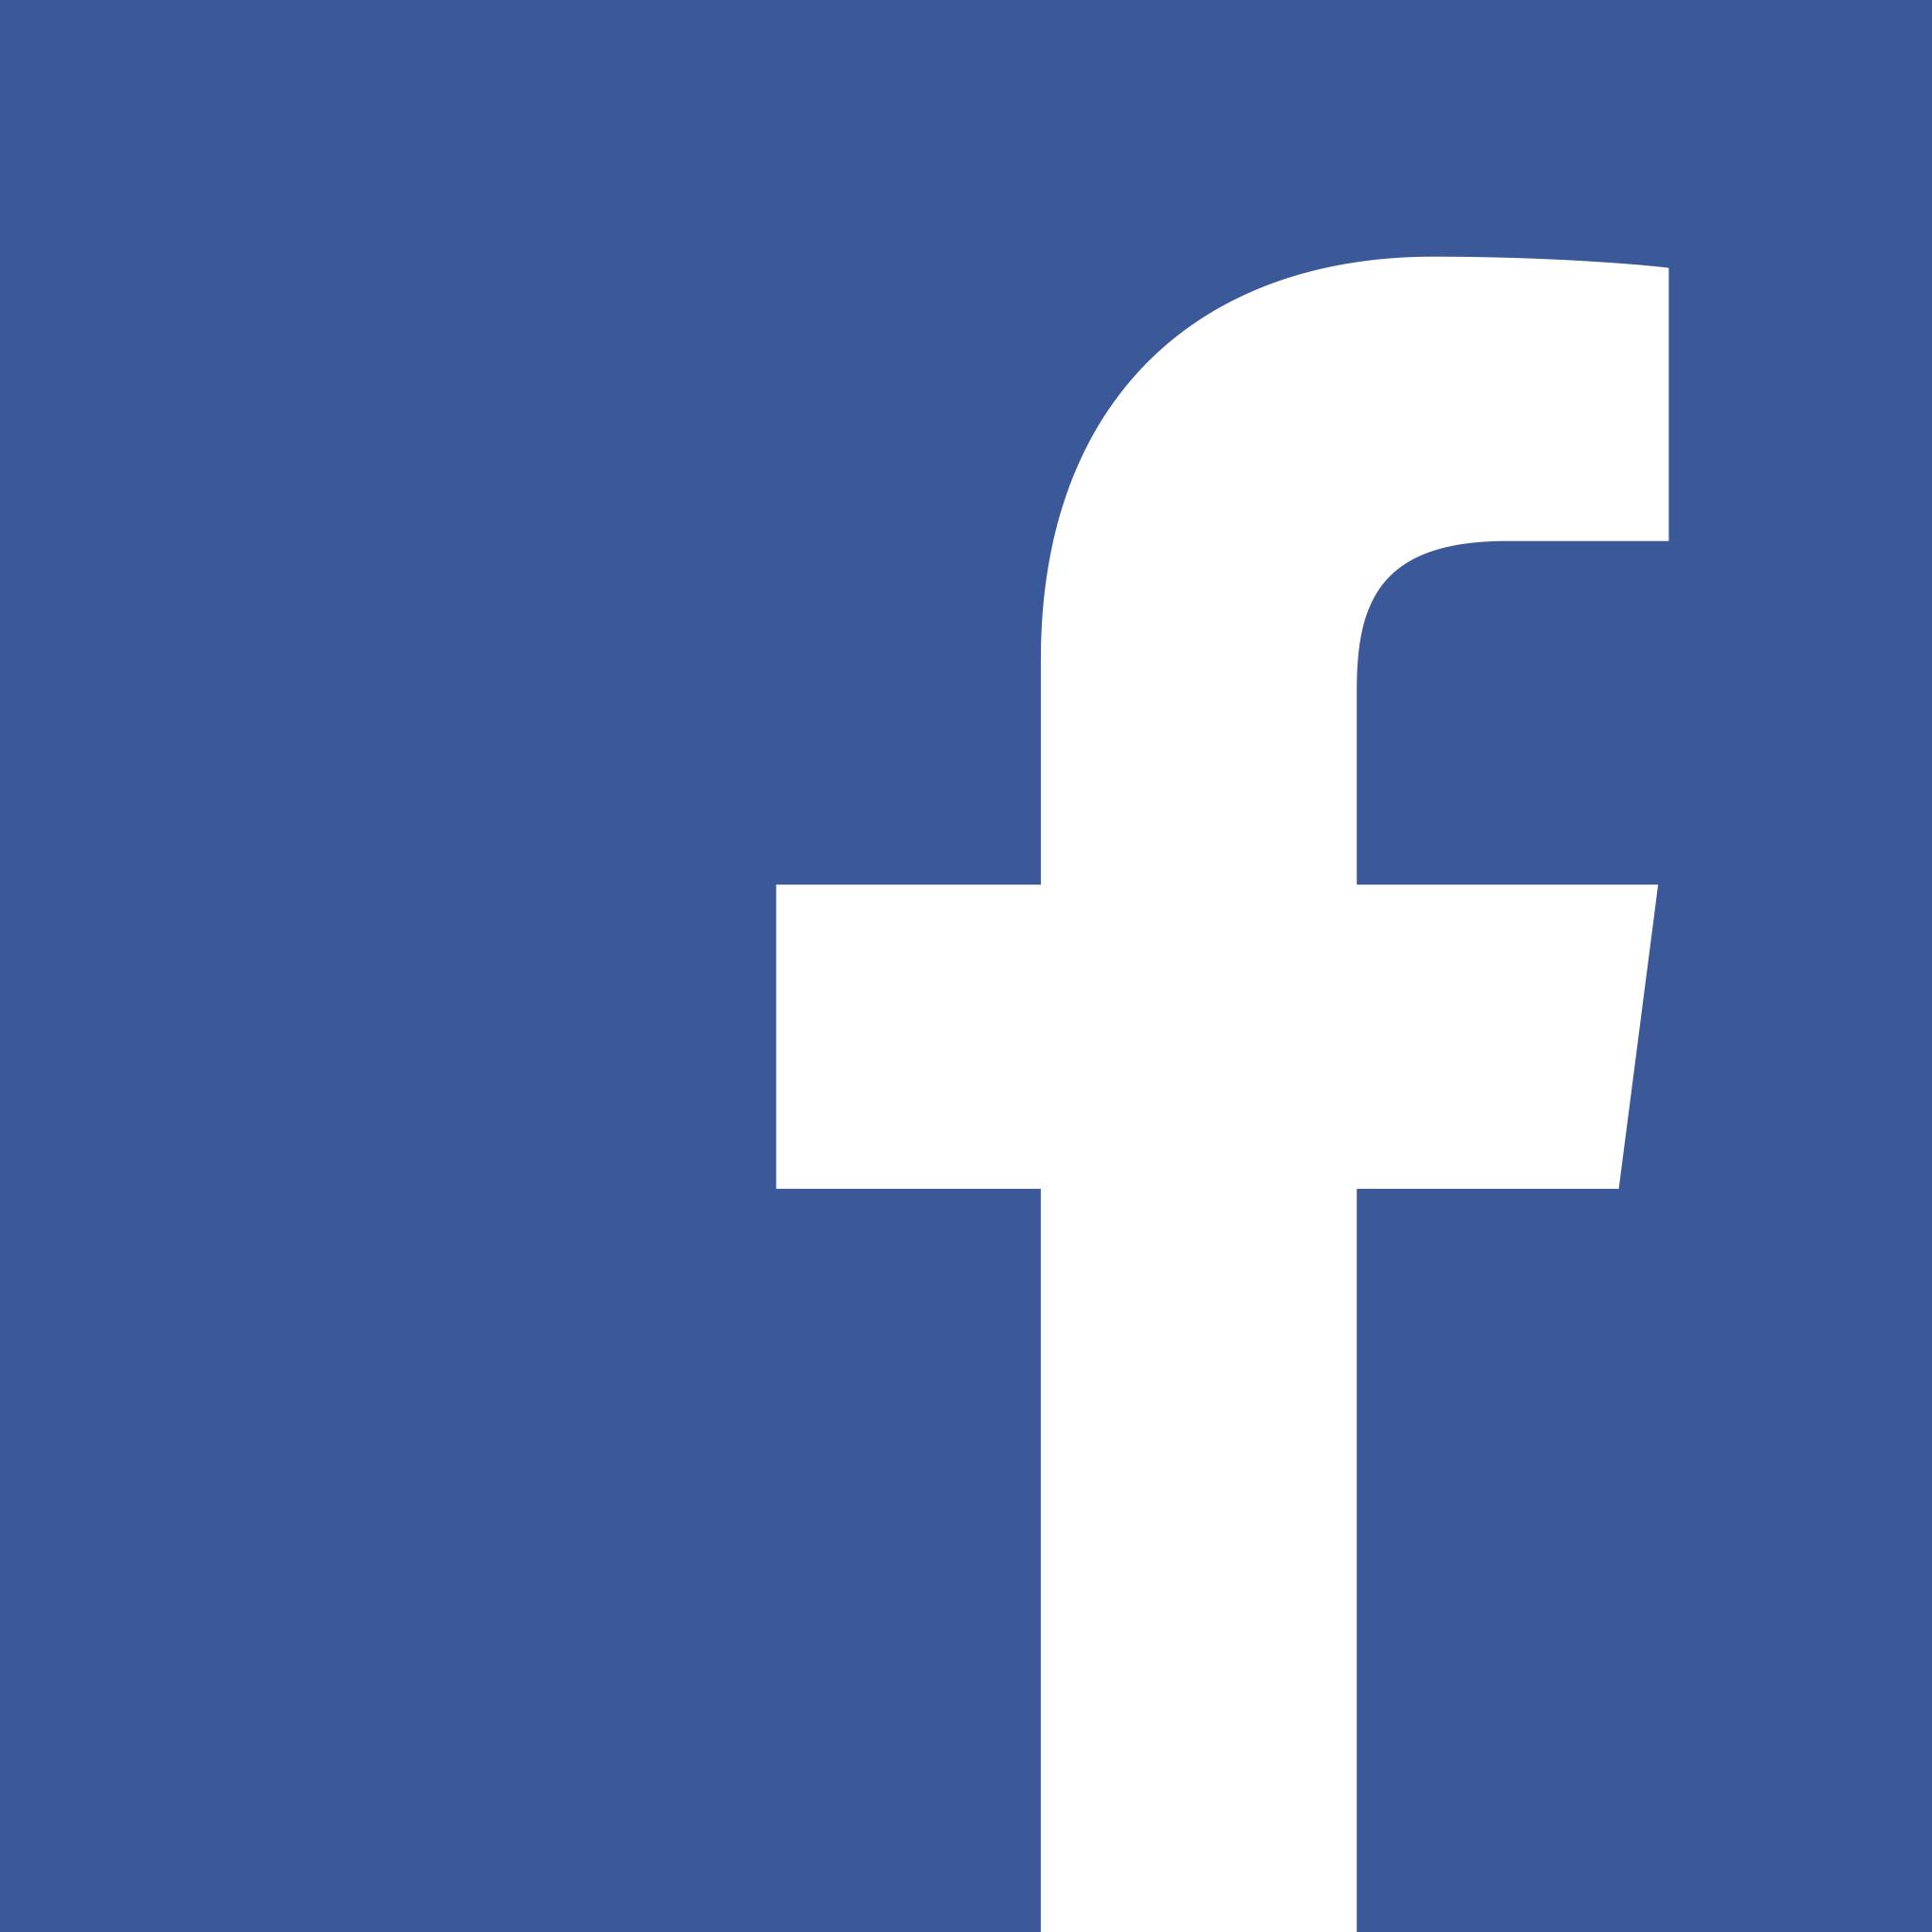 FB fLogo Blue broadcast e1431516112884